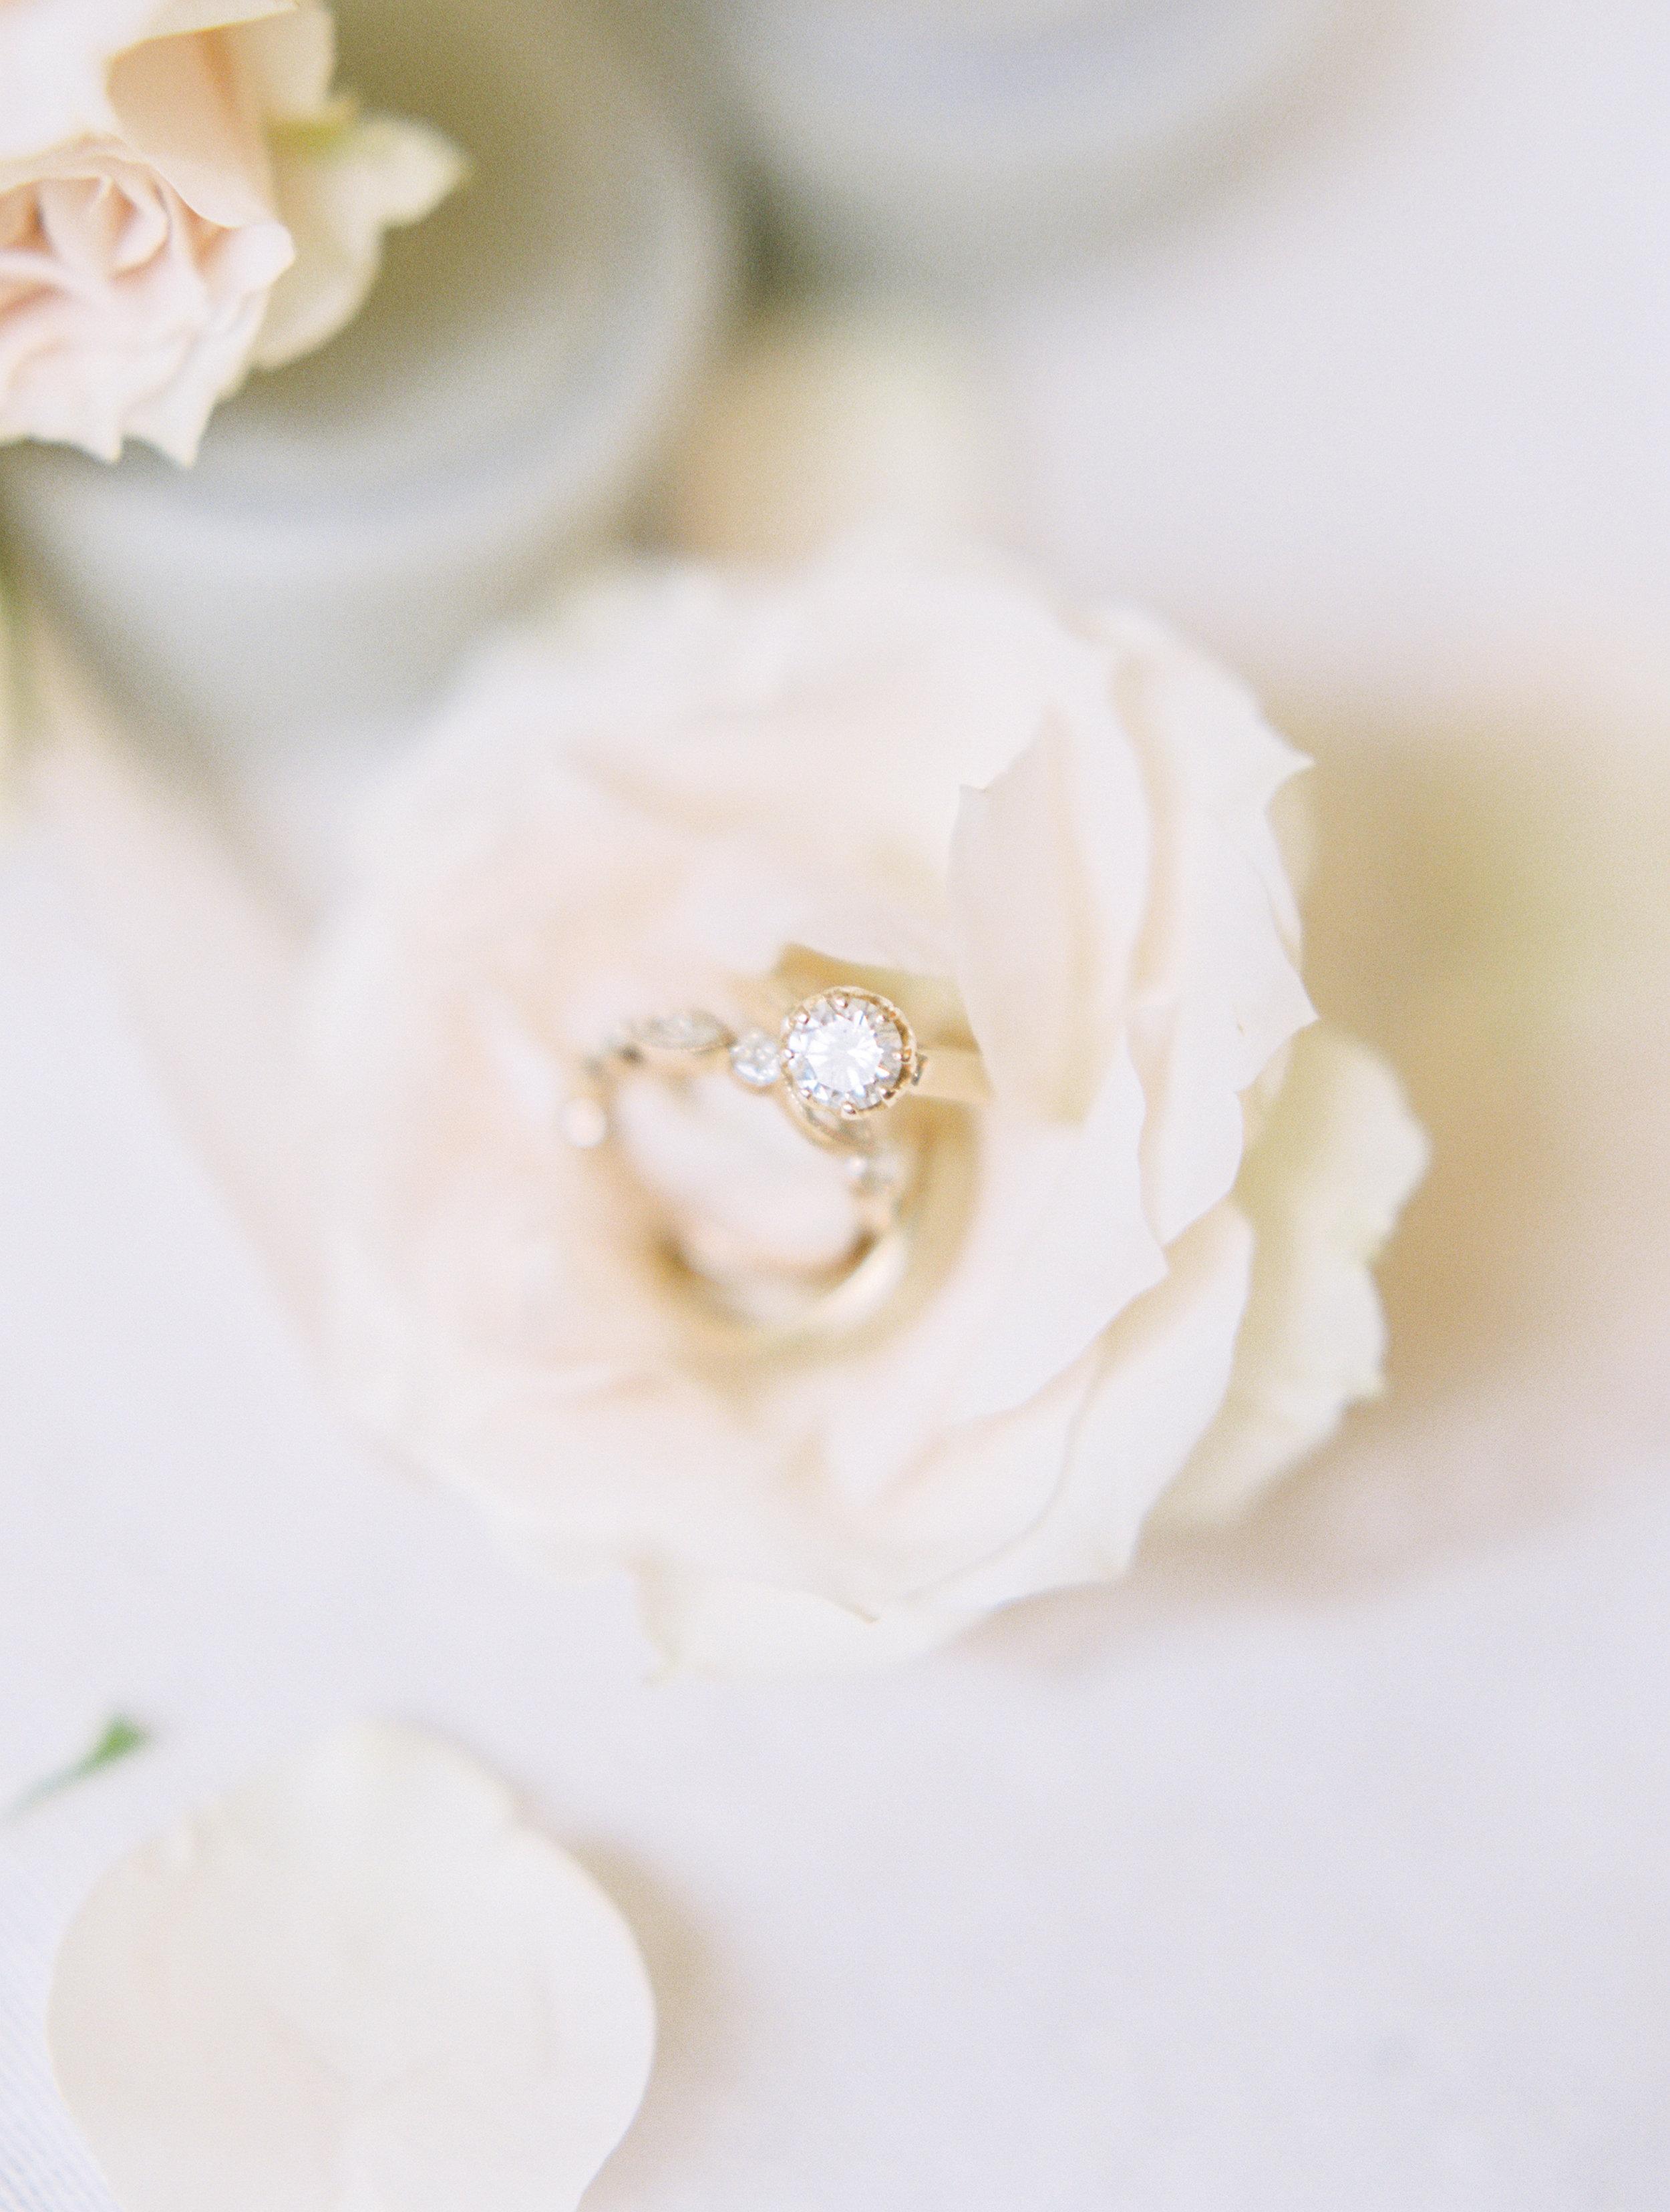 Steiner+Wedding+Details-55.jpg